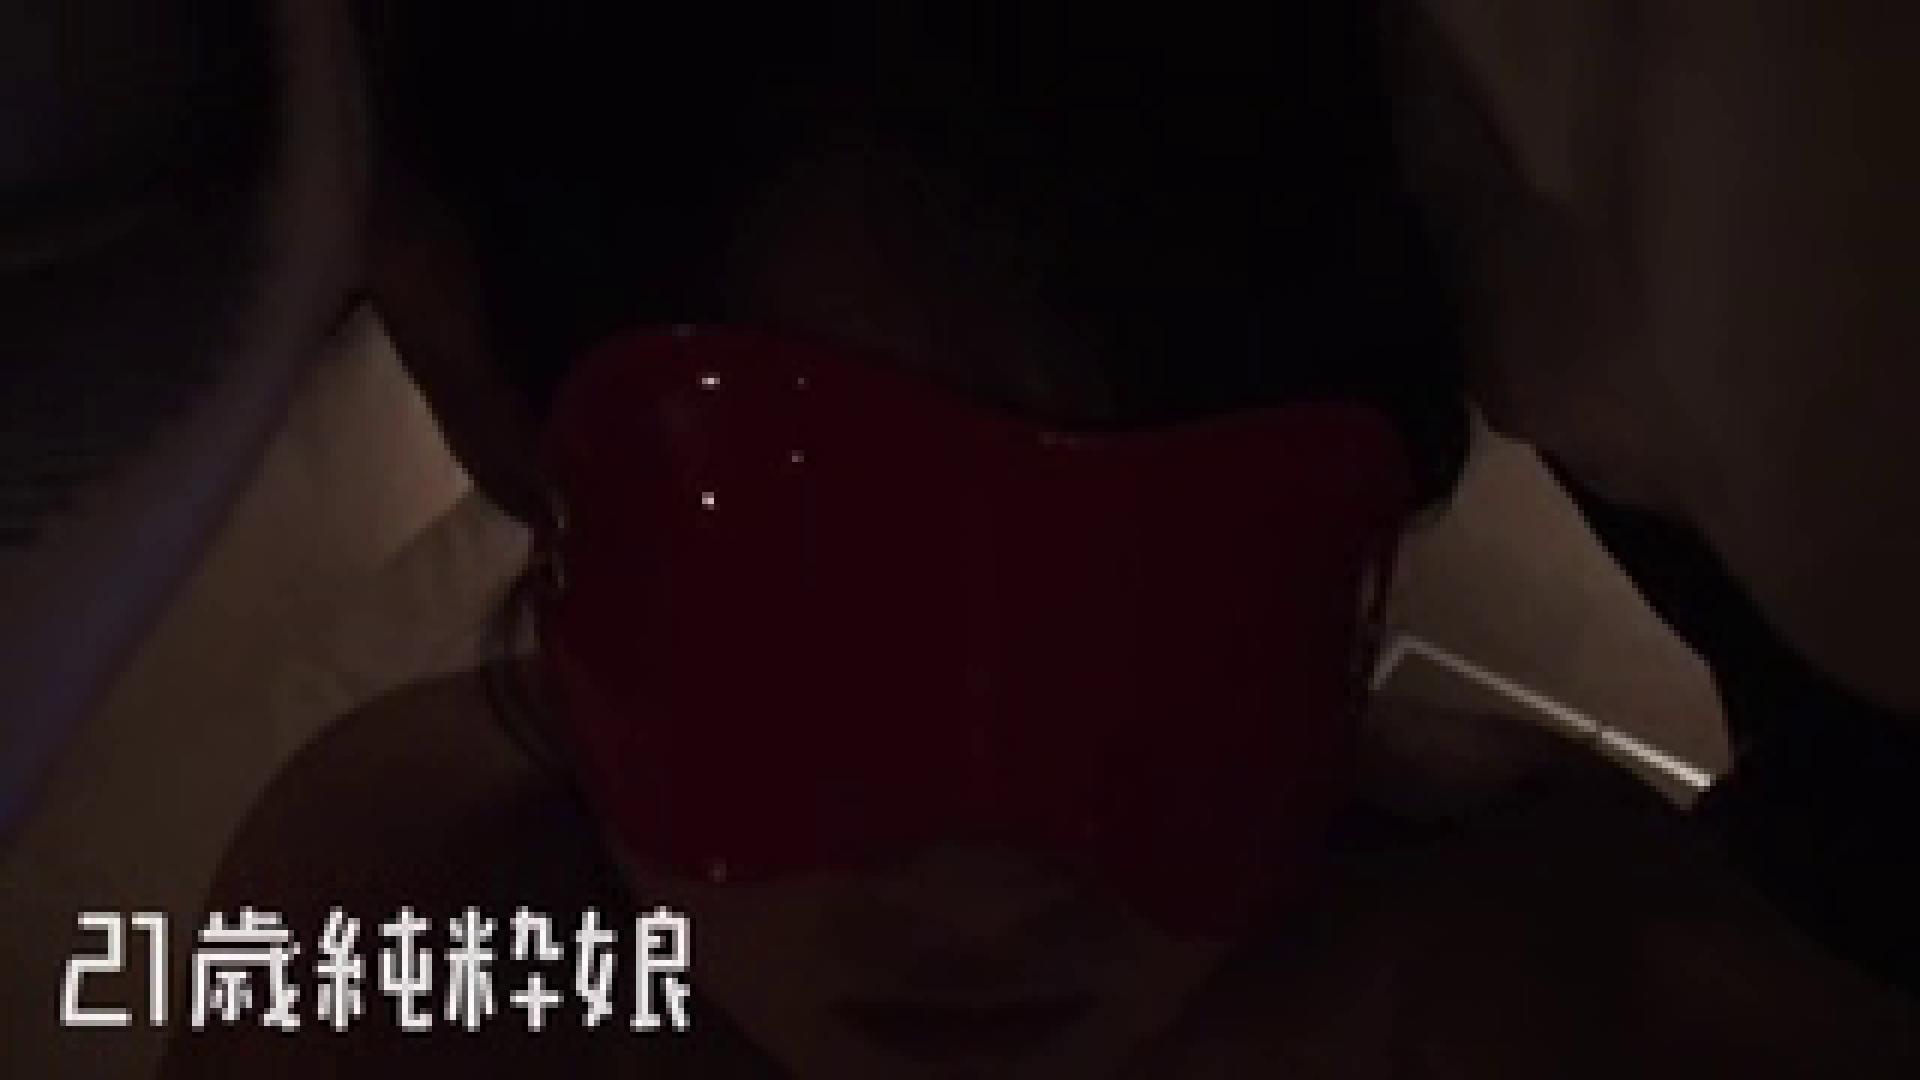 上京したばかりのGカップ21歳純粋嬢を都合の良い女にしてみた4 ホテル  75連発 31